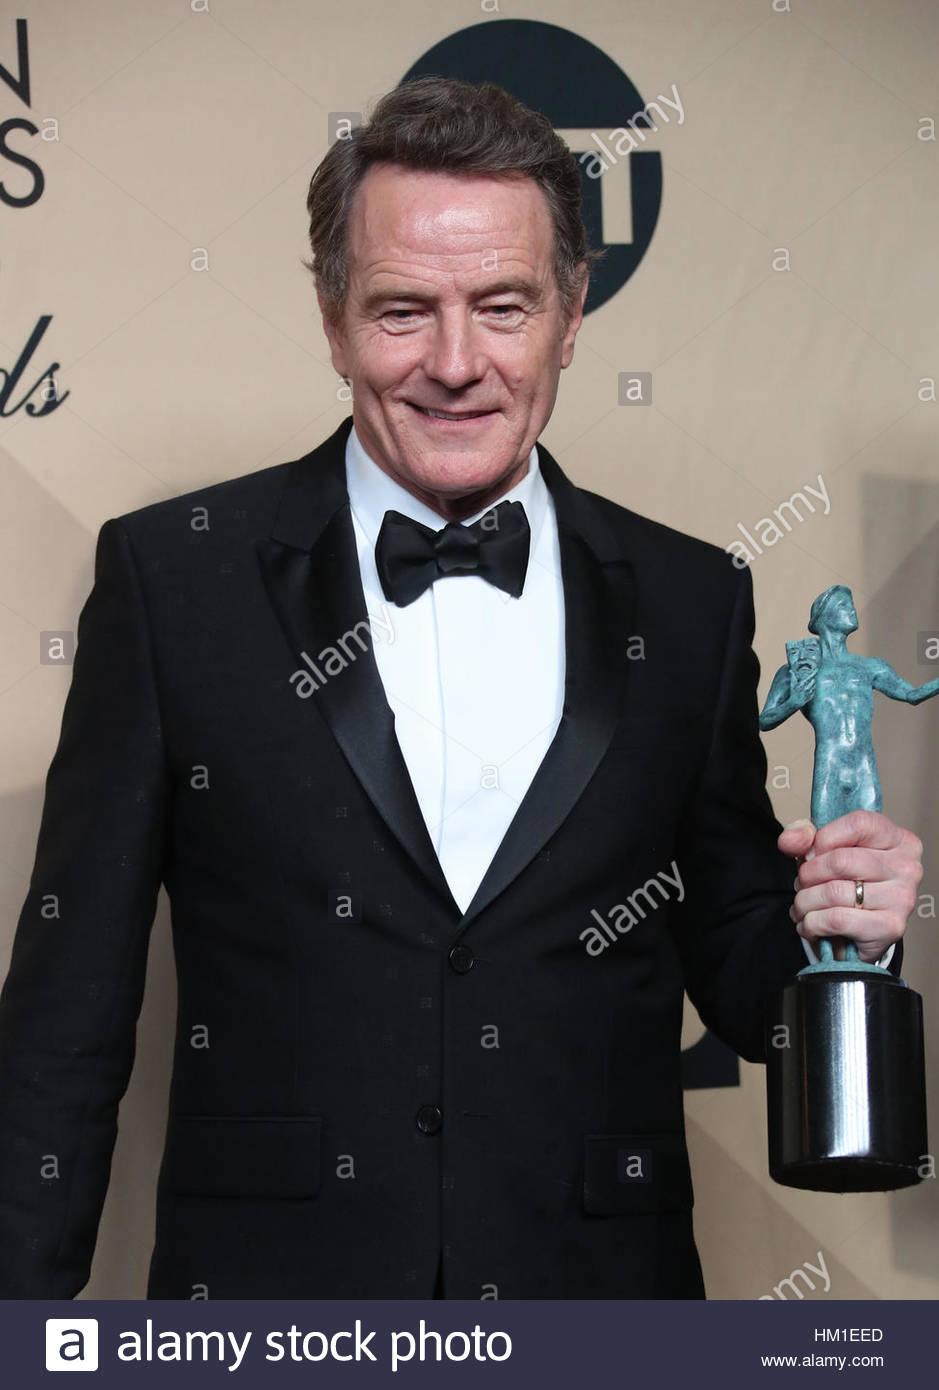 Los Angeles CA - 29. Januar Bryan Cranston, am 23. Annual Screen Actors Guild Awards - Presseraum, im Shrine Auditorium Stockfoto